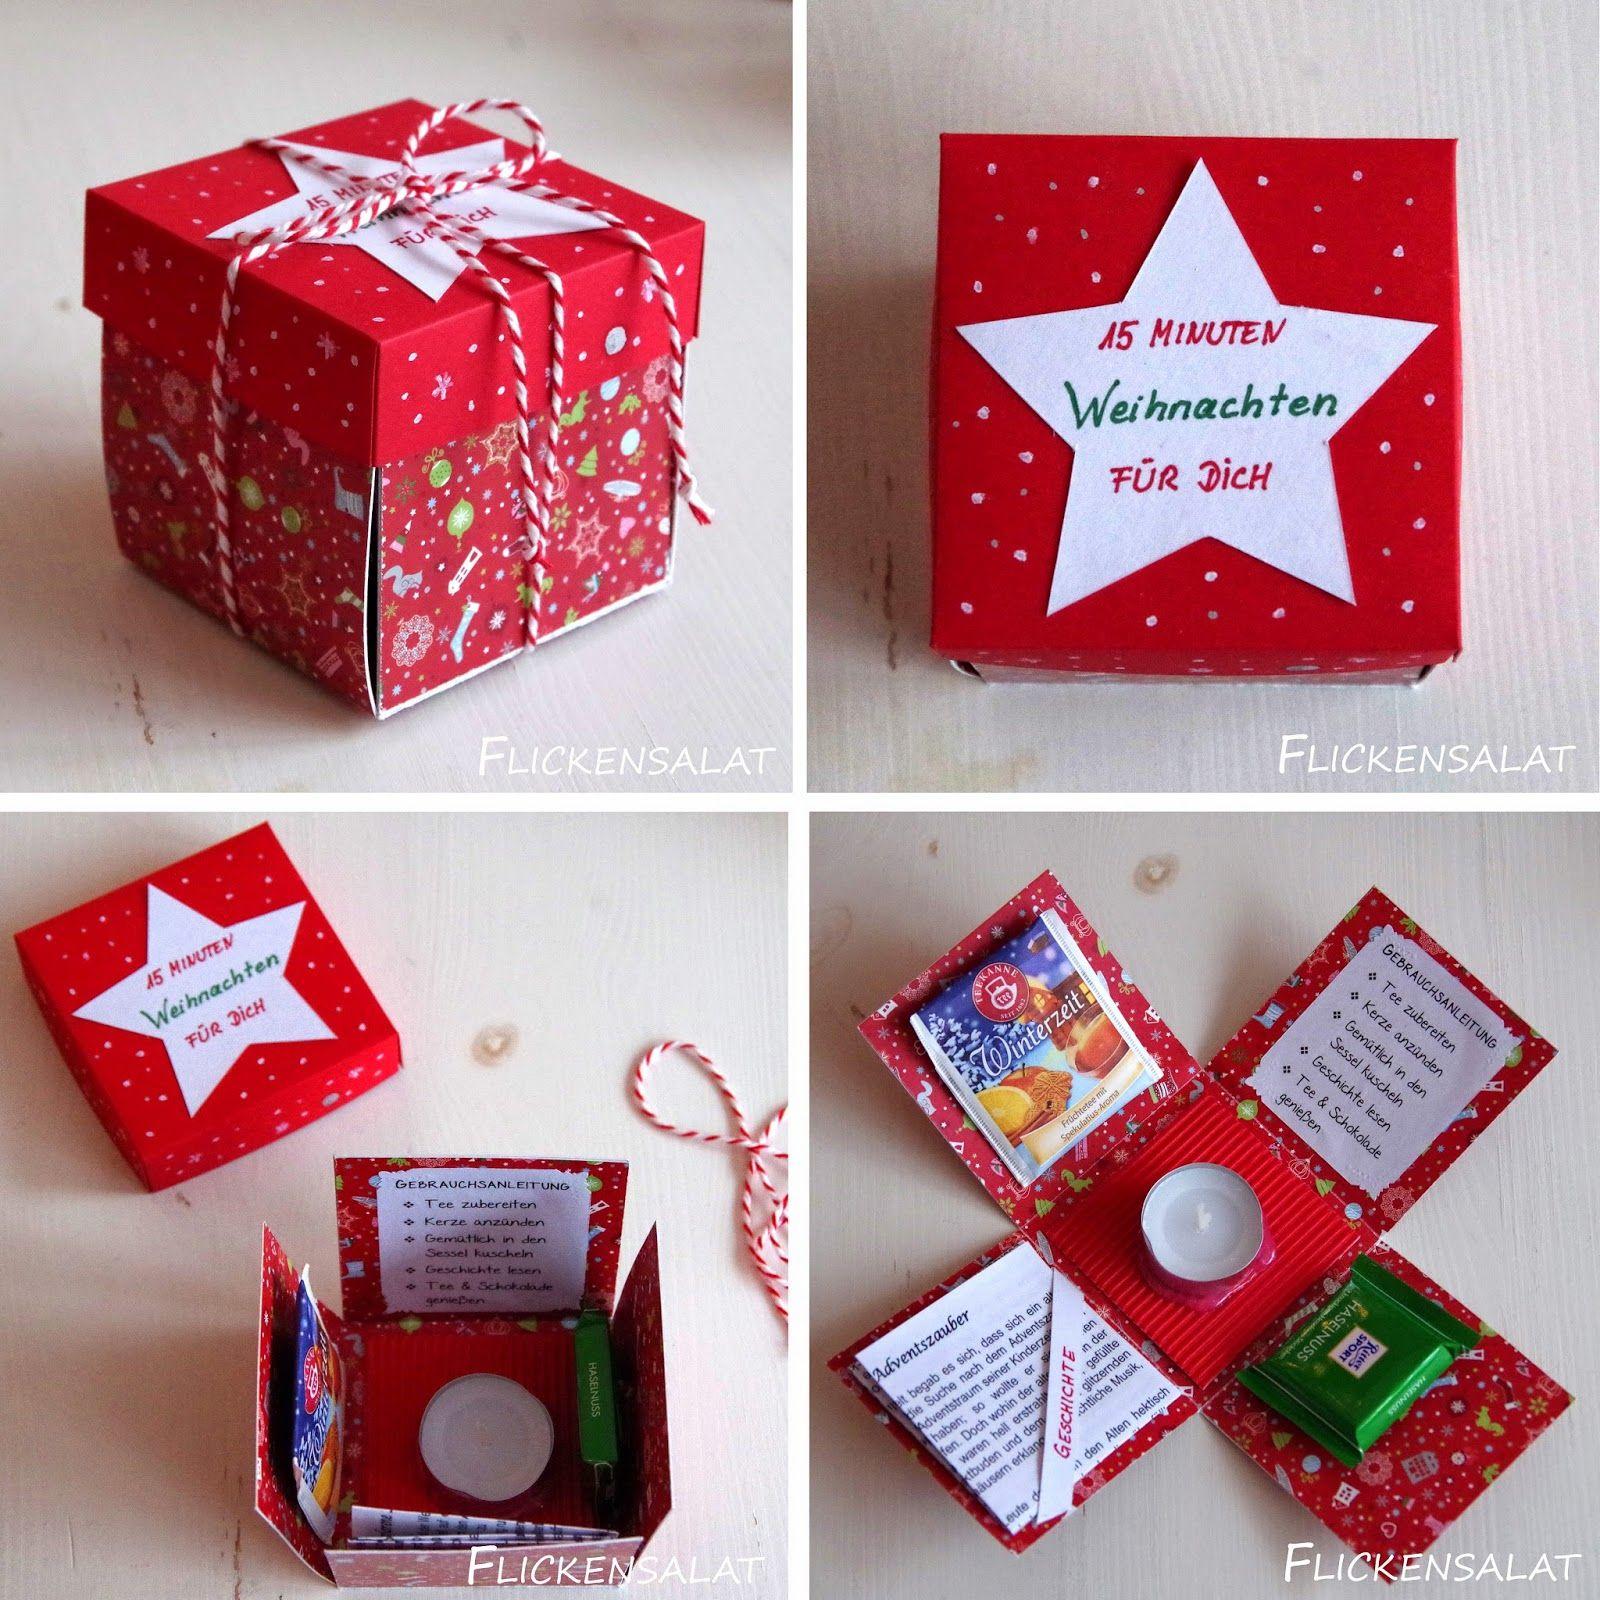 Flickensalat | Geschenke weihnachten, Basteln weihnachten